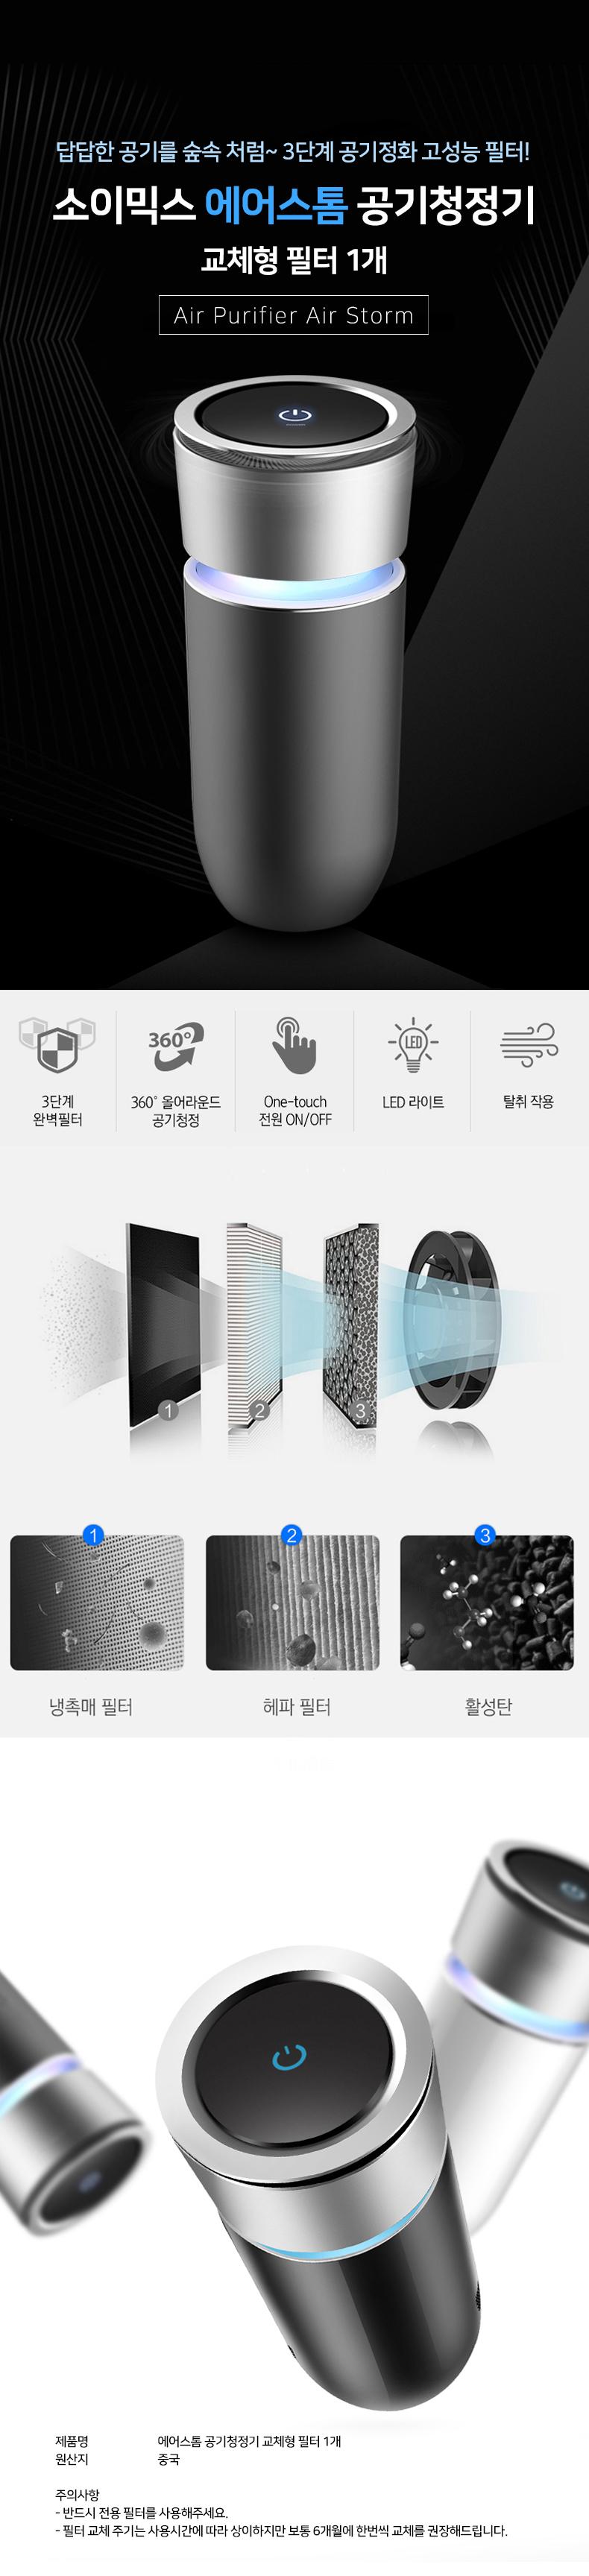 소이믹스 에어스톰 스마트 공기청정기 교체용 해파 필터 - 소이믹스, 9,900원, USB 계절가전, 공기청정기